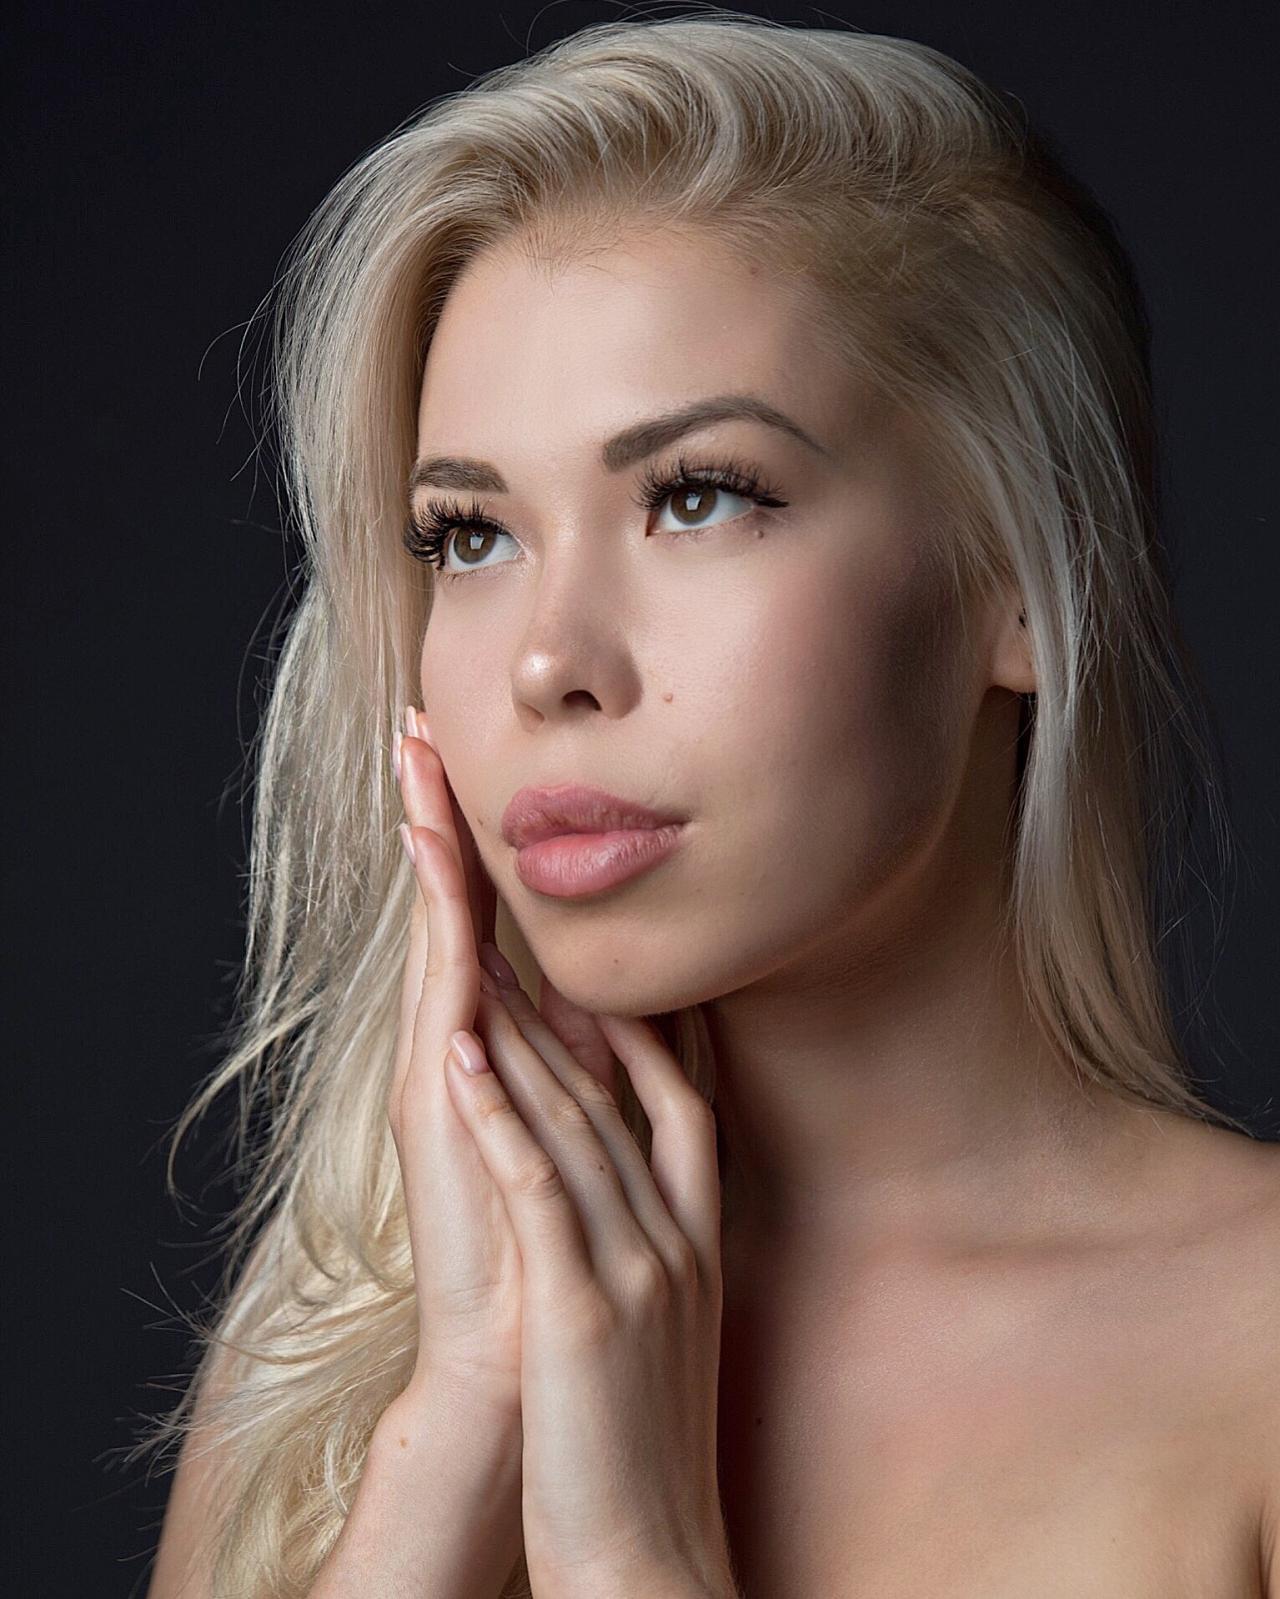 Работа девушке моделью дмитриев работа в сургуте для девушке